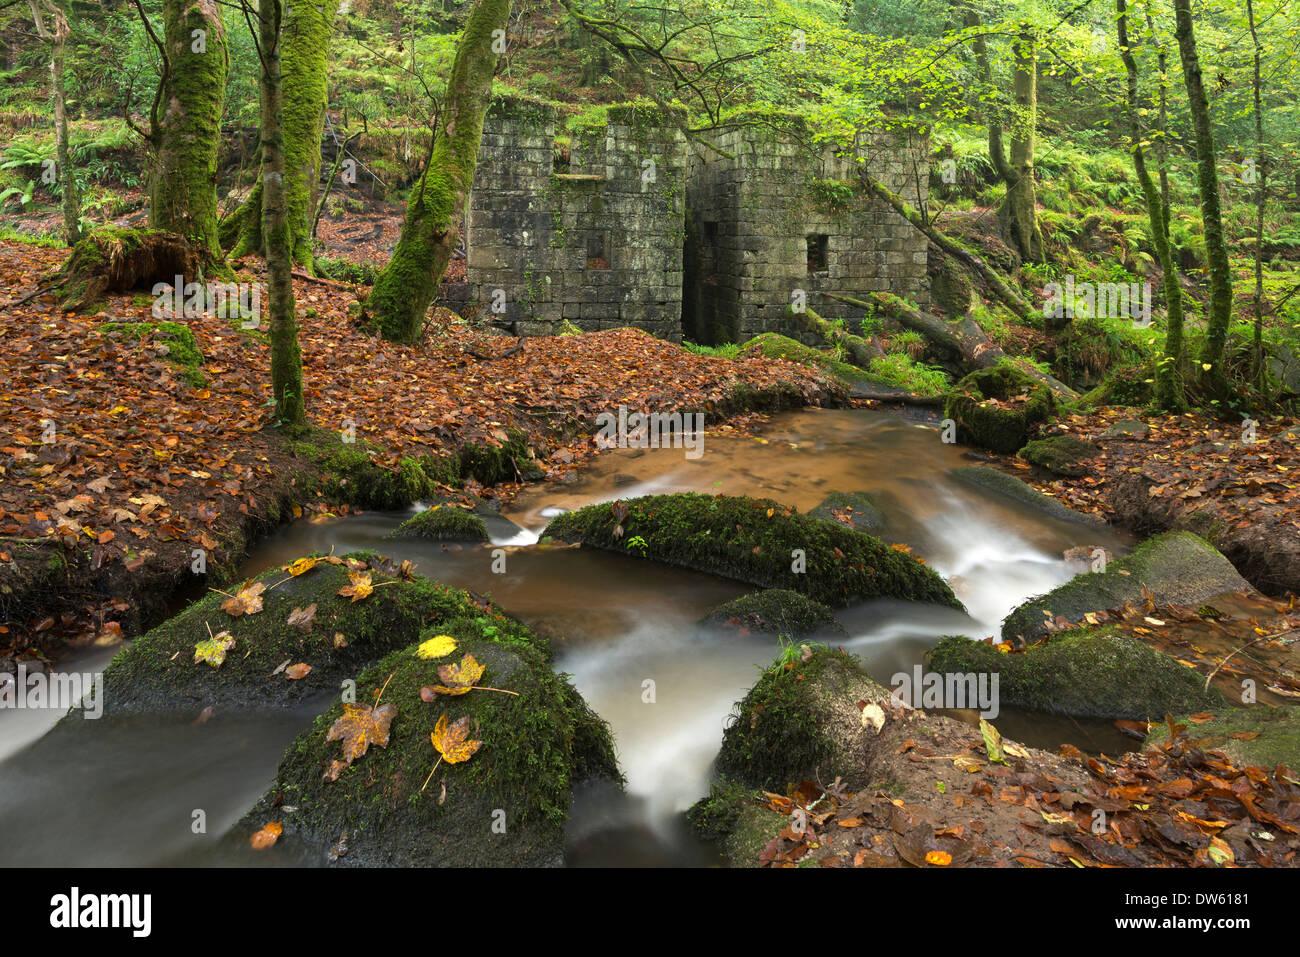 Reste der Schießpulver-Mühlen im Kennall Vale Naturreservat in Ponsanooth in der Nähe von Falmouth, Cornwall, England. Herbst (Oktober) 2013. Stockbild